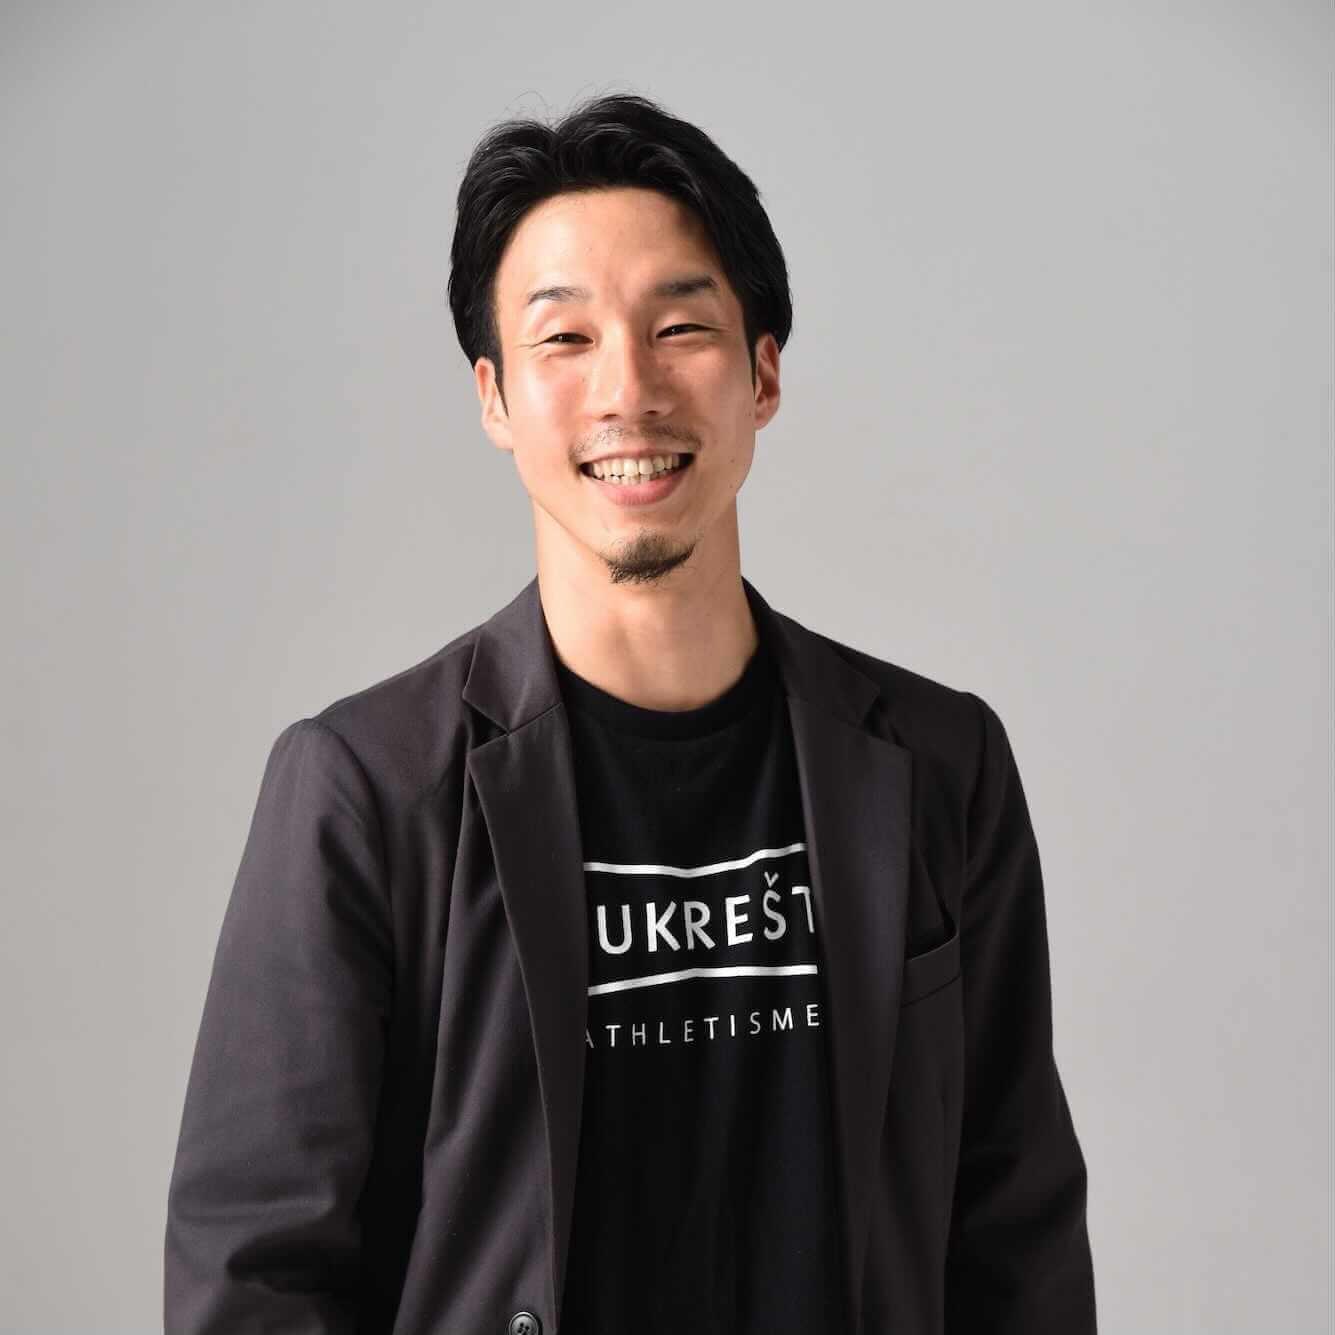 空間プロデューサー 川井 亮介(かわい りょうすけ)